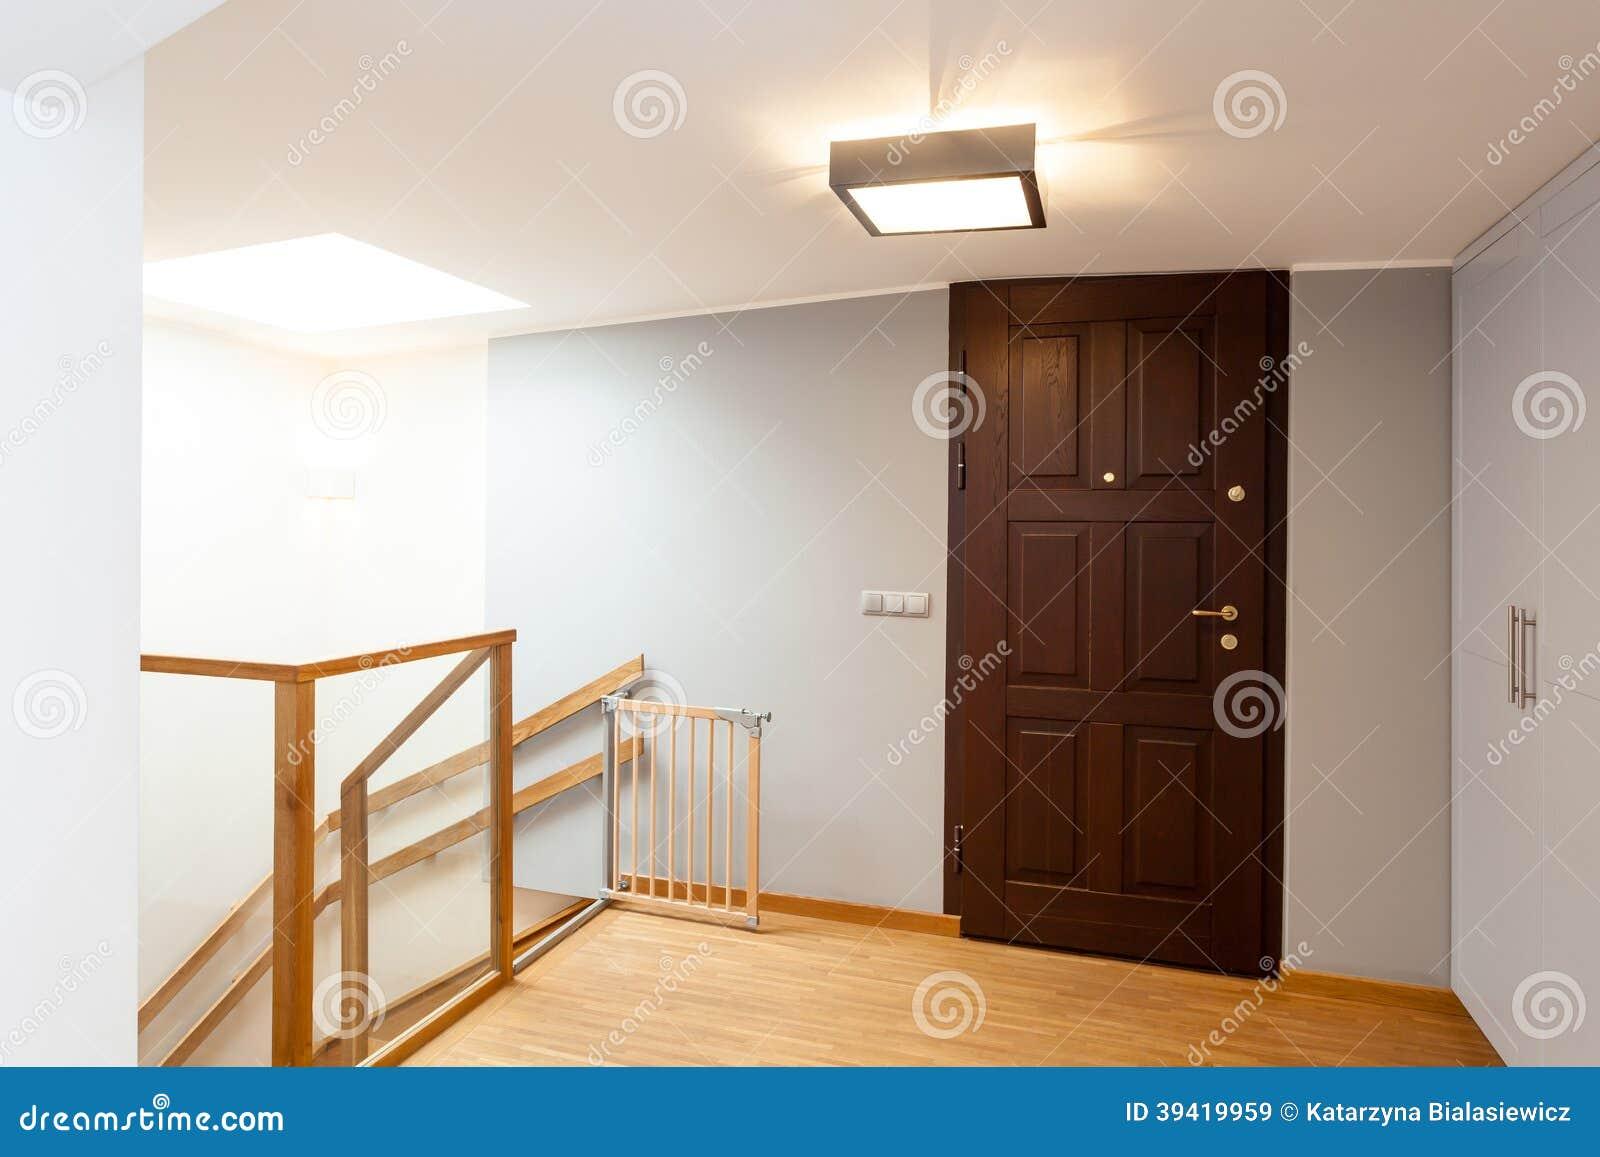 Houten wenteltrap met minimalistische leuning lichte interieur